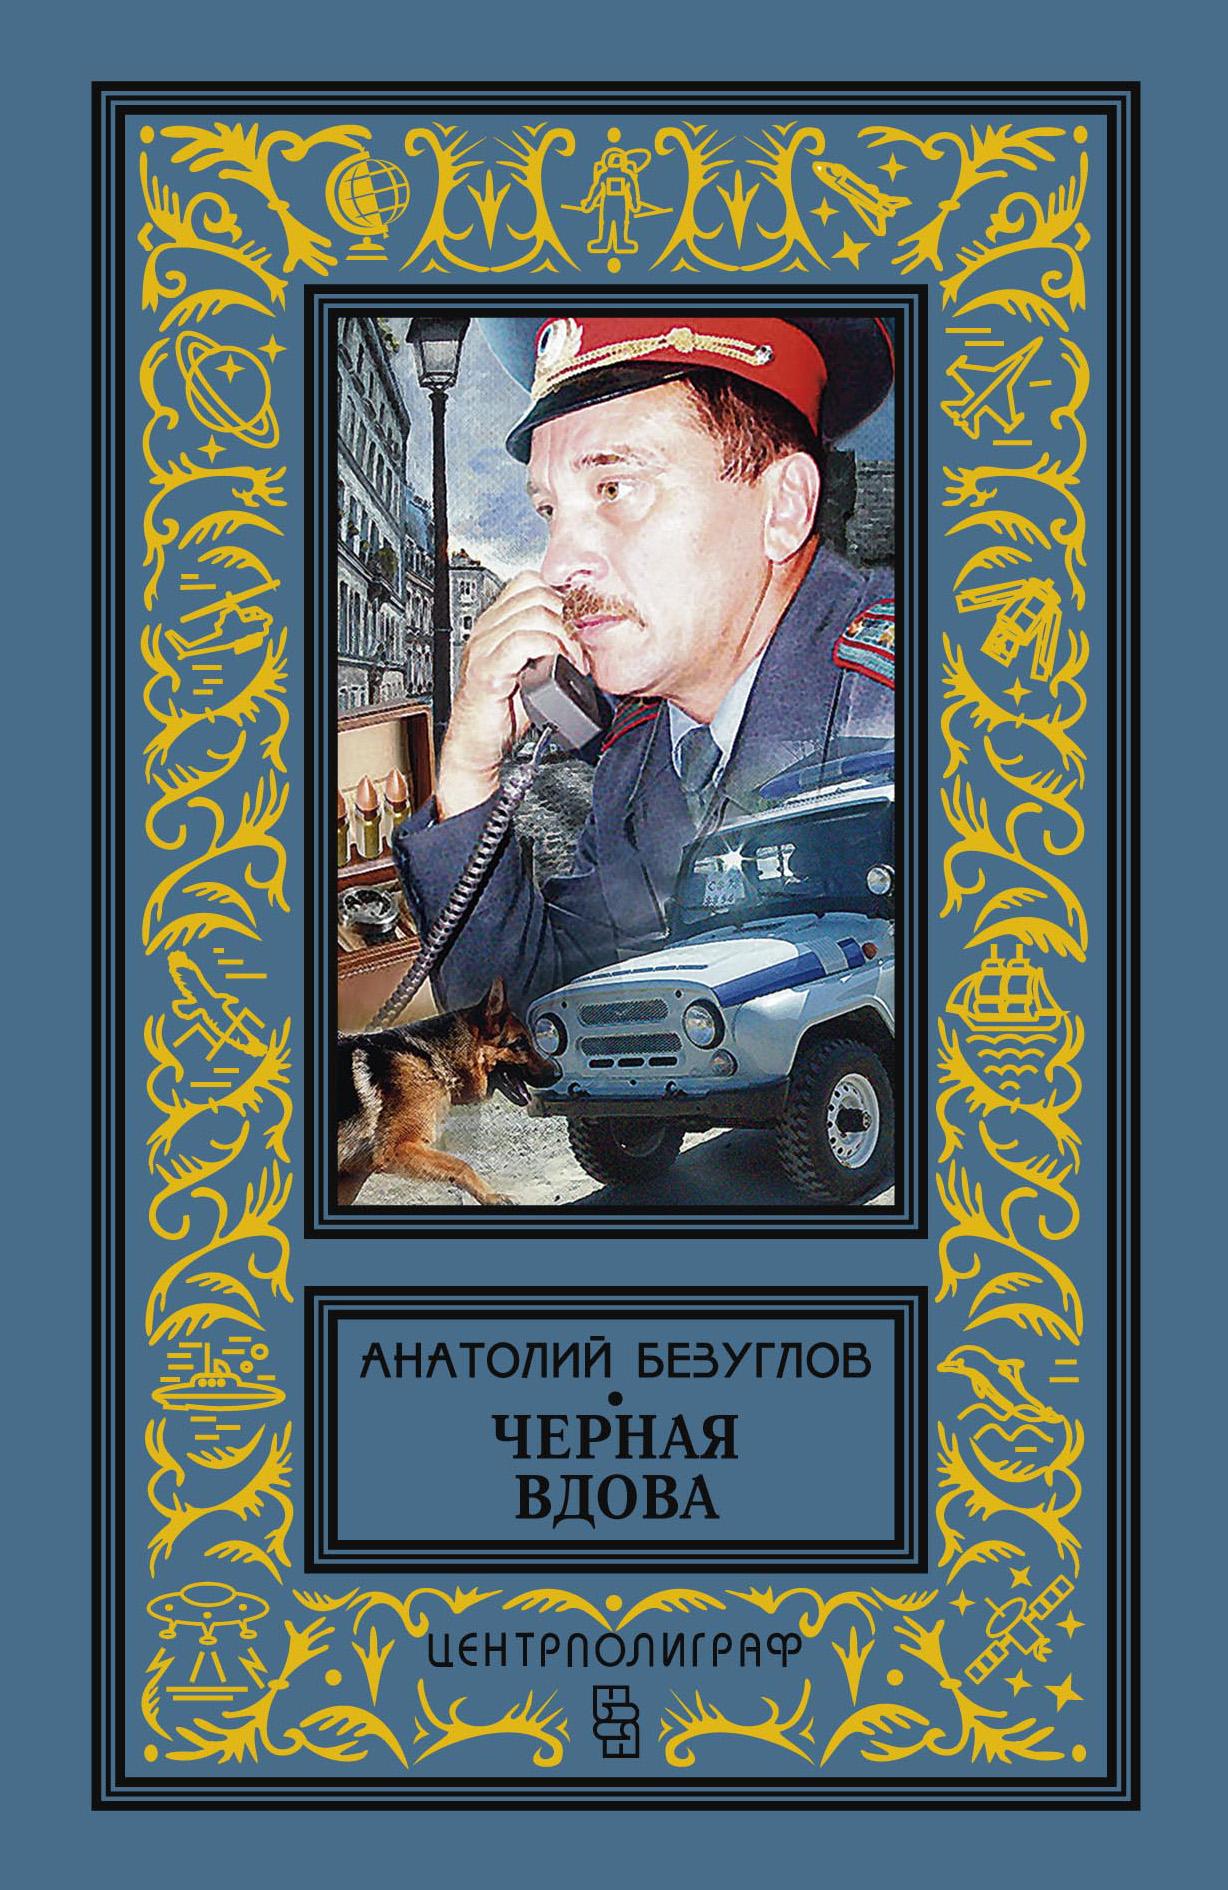 Анатолий Безуглов Черная вдова парфюмерия адидас